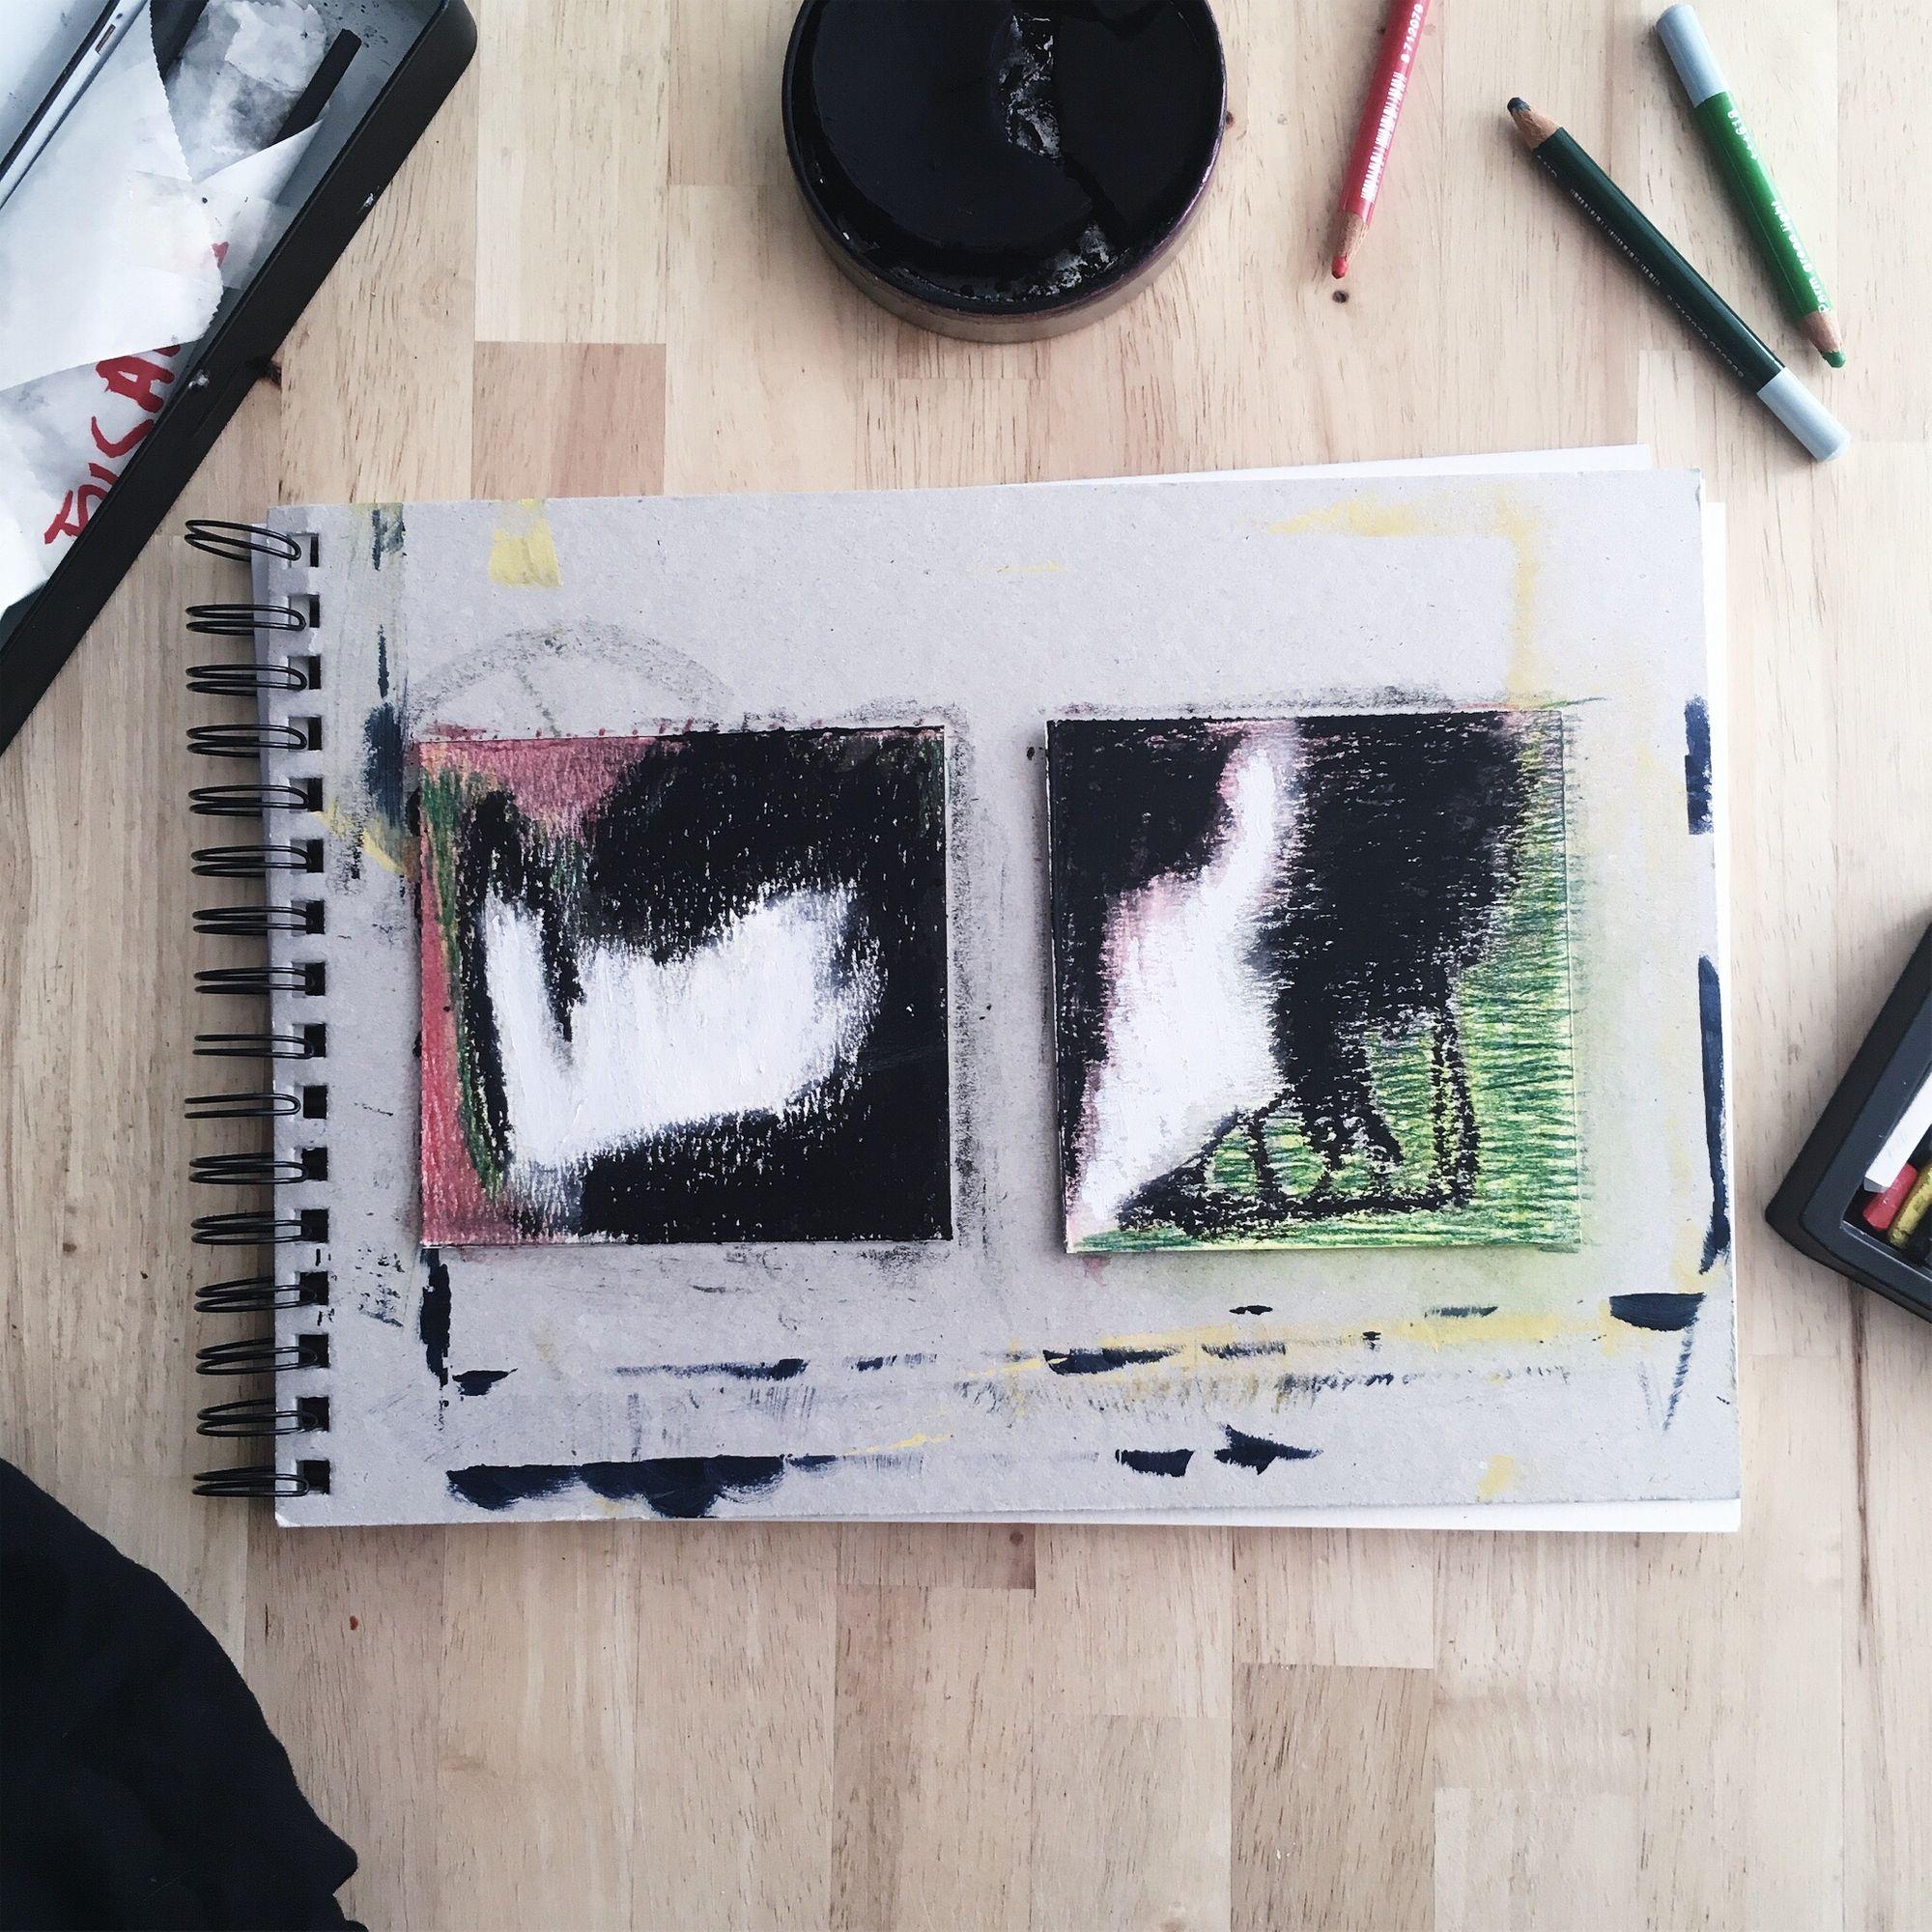 Exercice De Peinture Intuitive Sur Petit Format Avec Pastel Sec